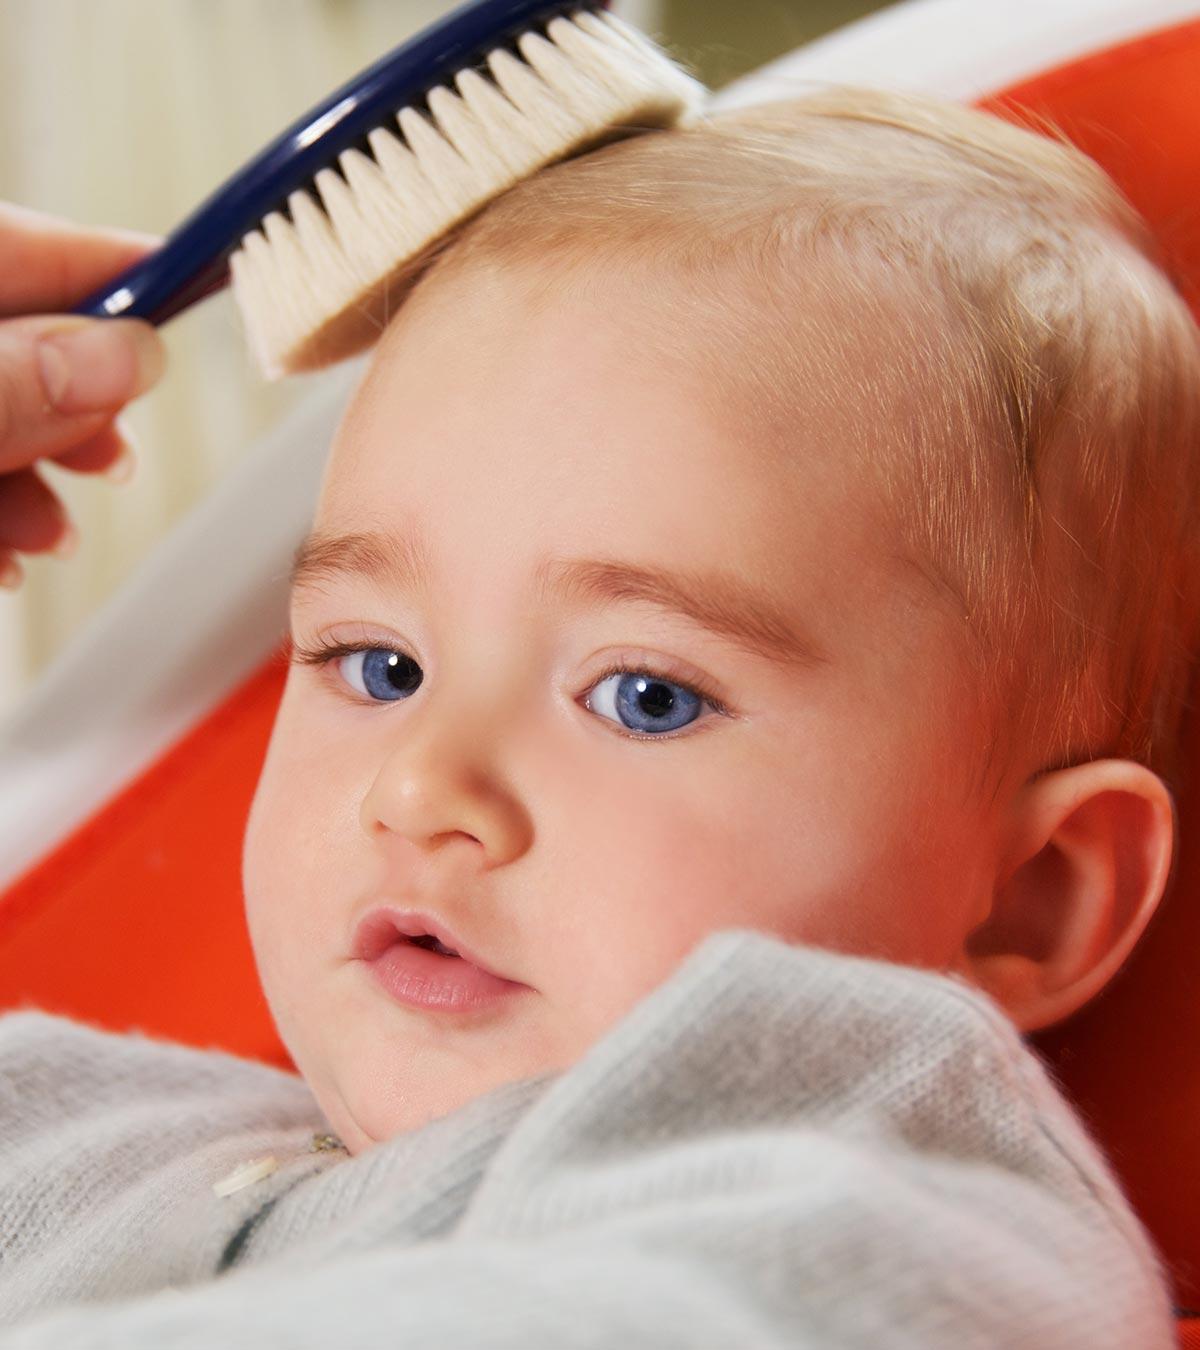 diffuse alopecia areata in child